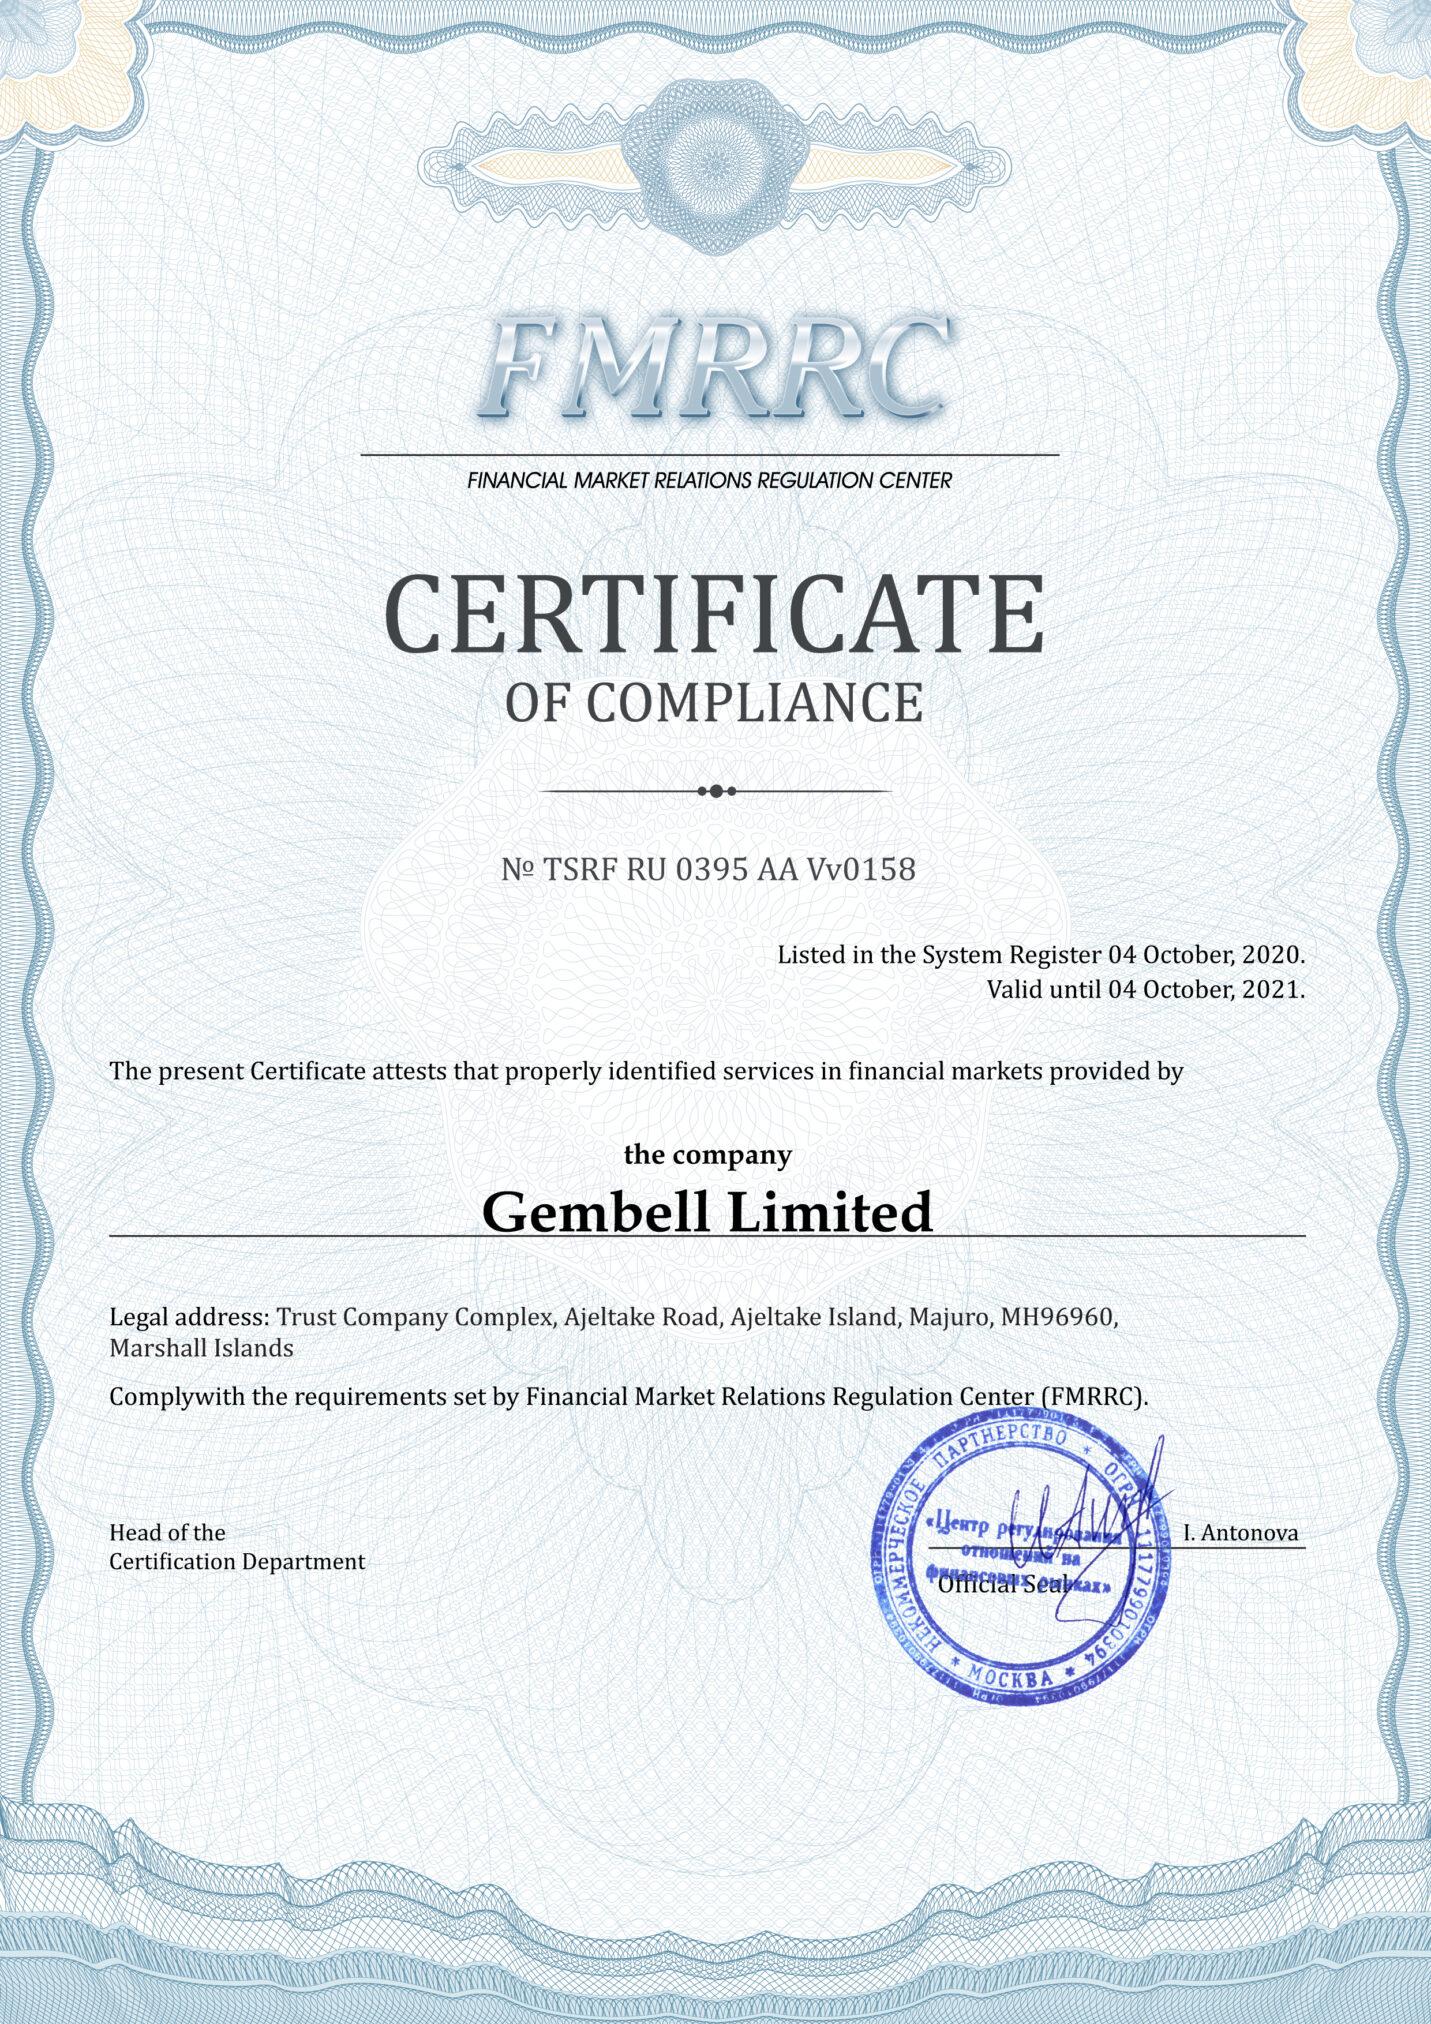 Лицензия от частной компании FMRRC